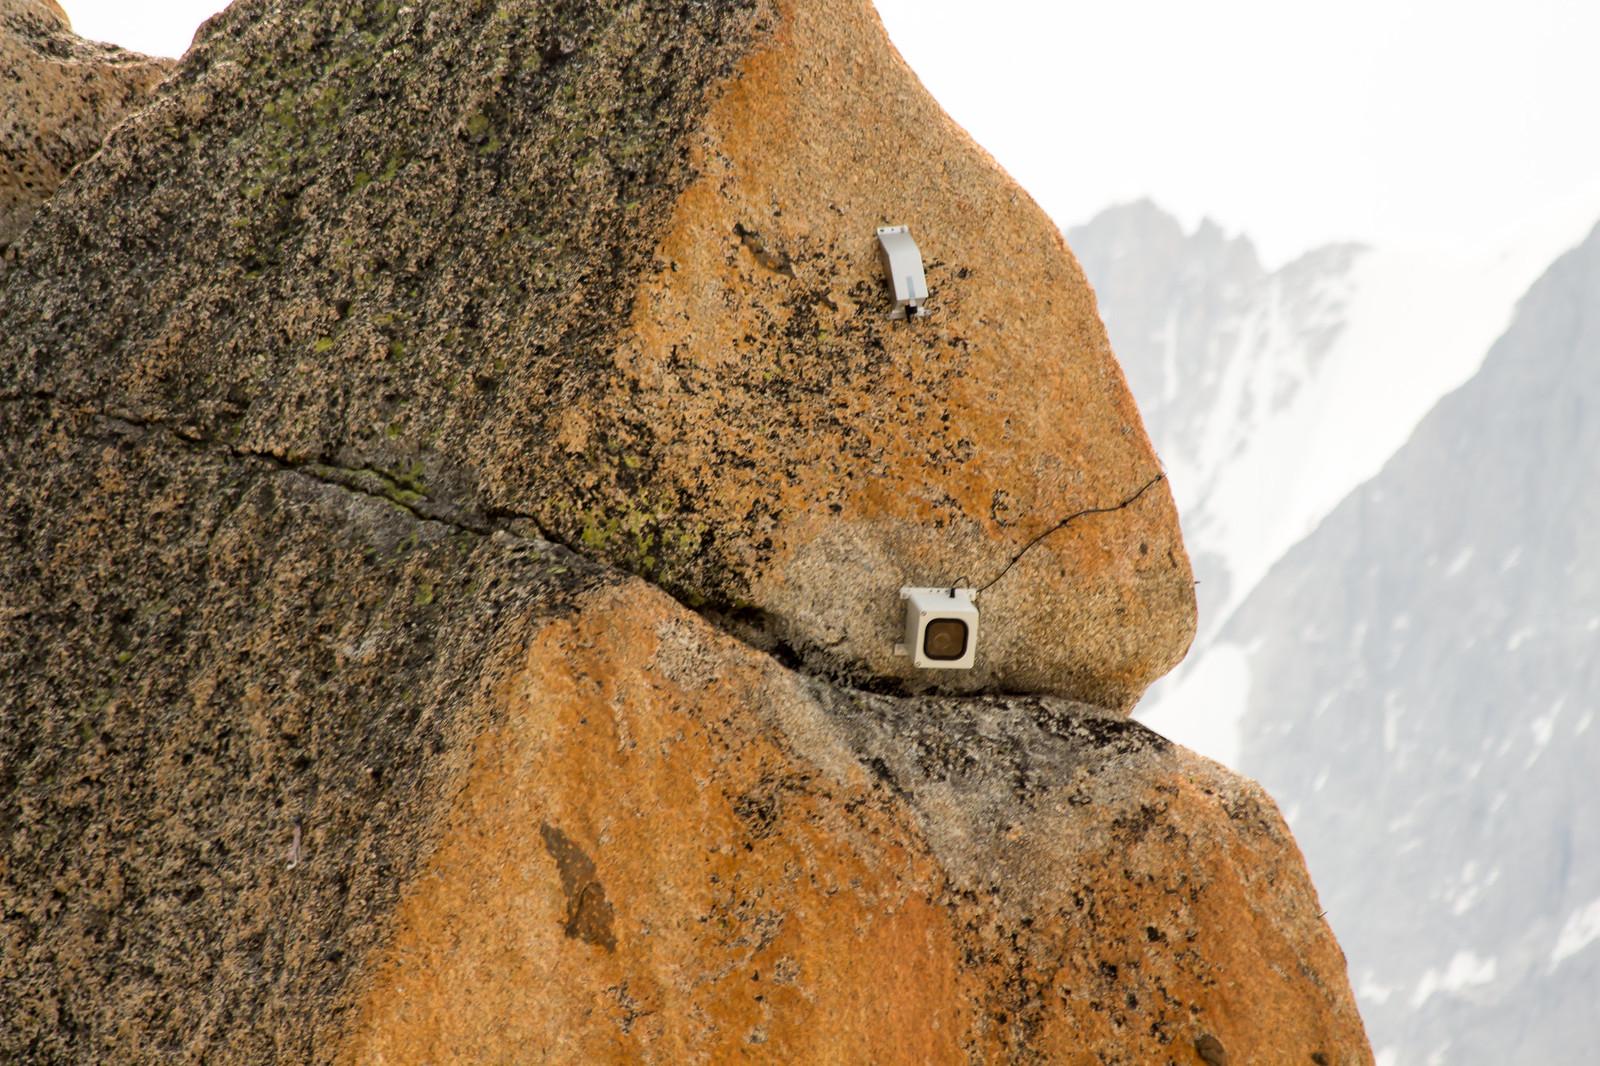 Шамони Мон-Блан - Вебкамеры смотрят за горой круглосуточно - туристическая популяция в этих местах зашкаливает